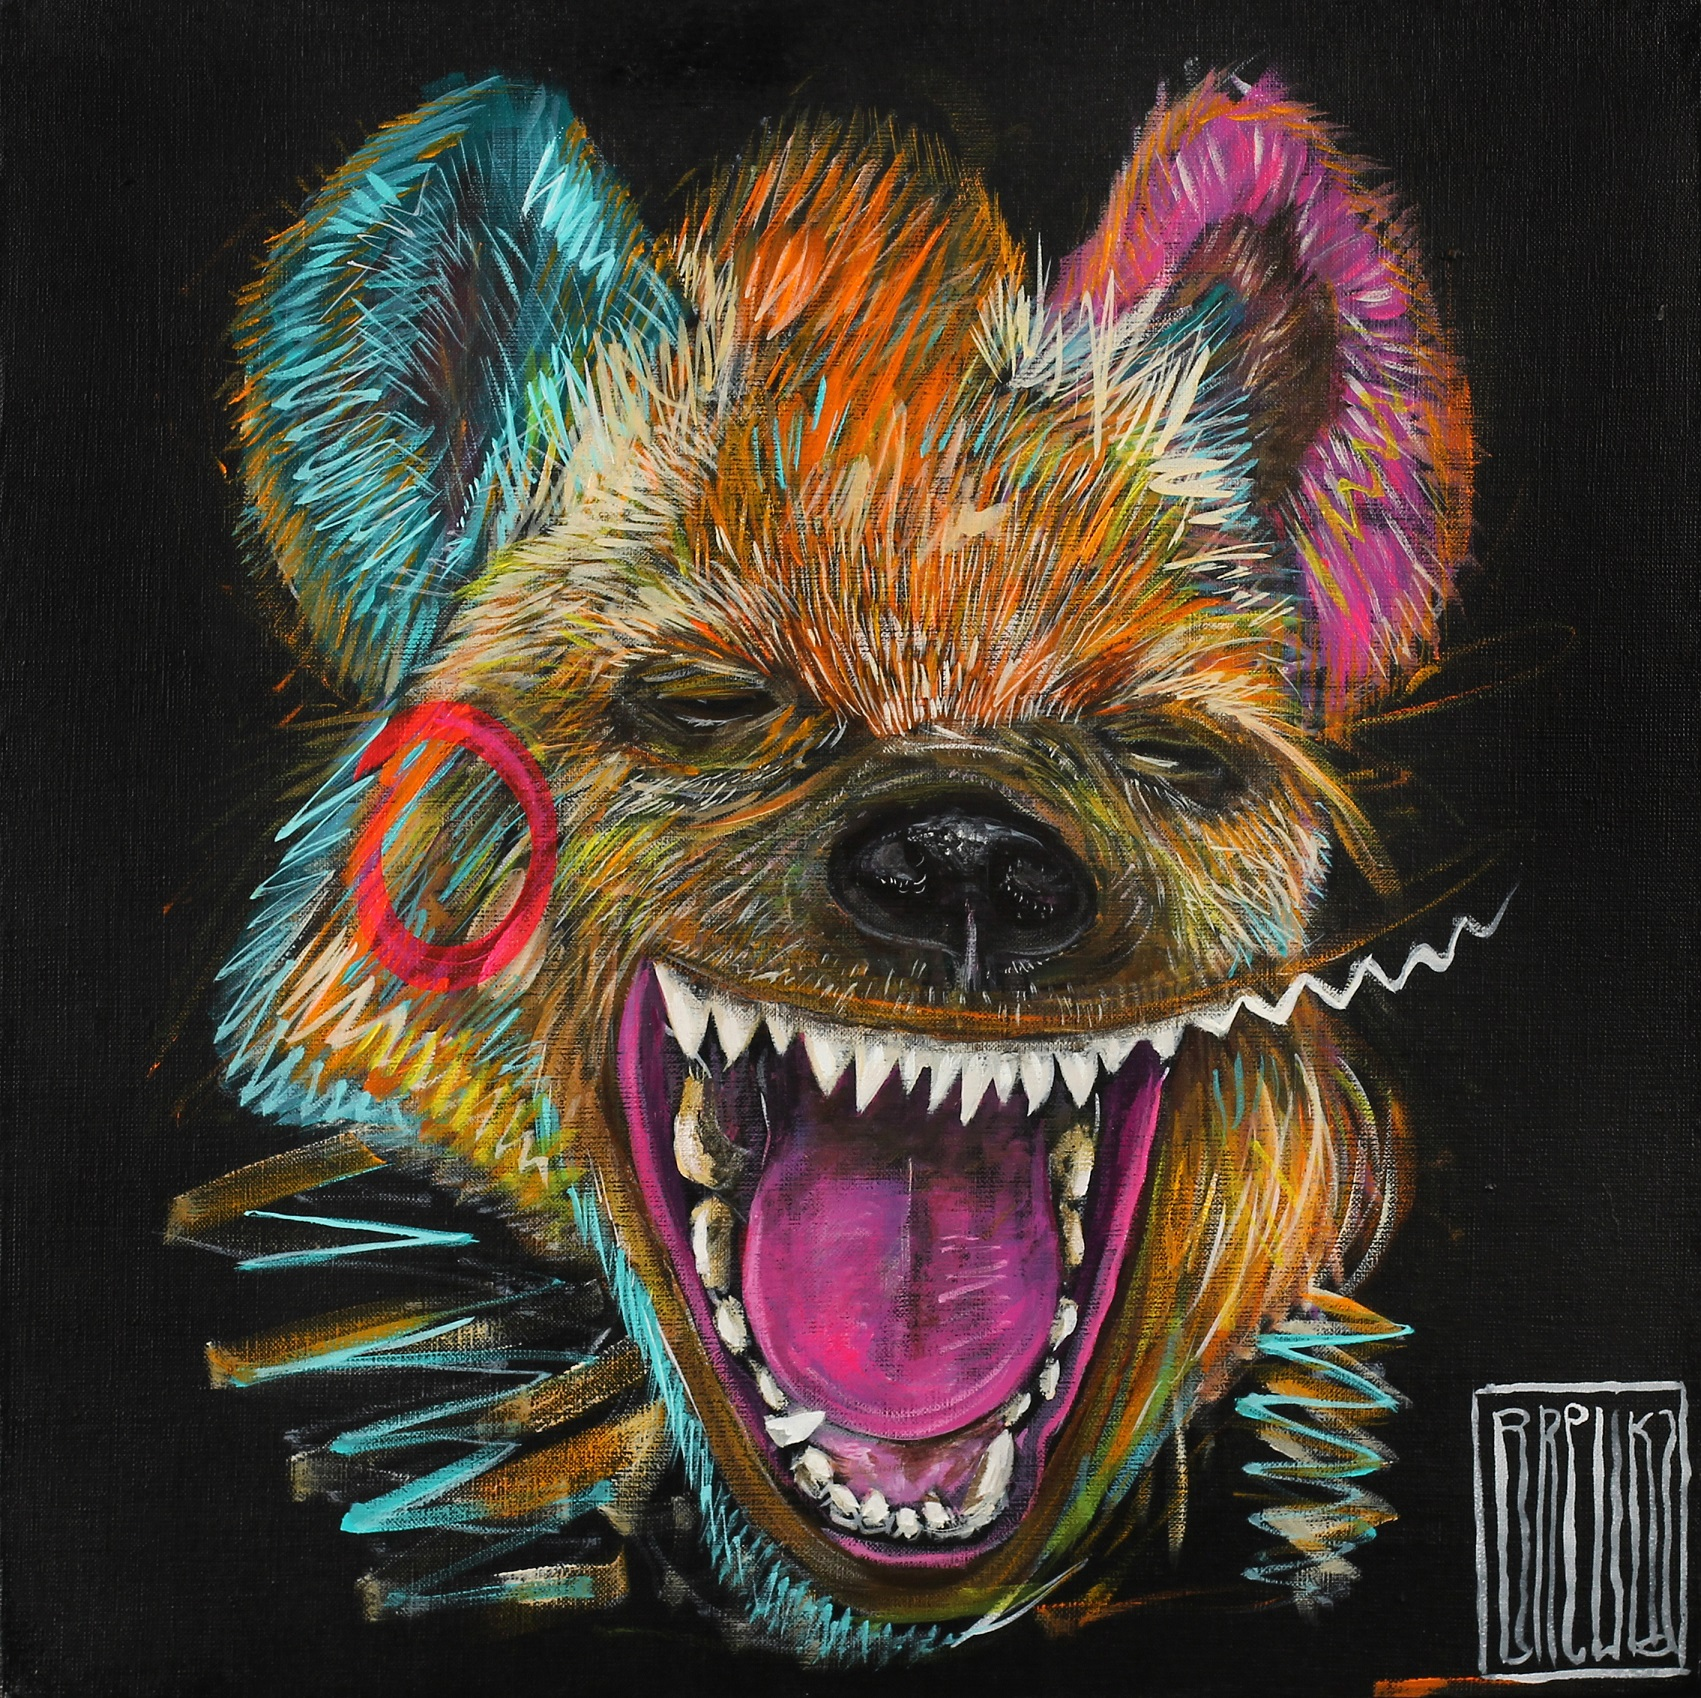 smile-brewka-obrazy-portrety-zwierzat-cykl